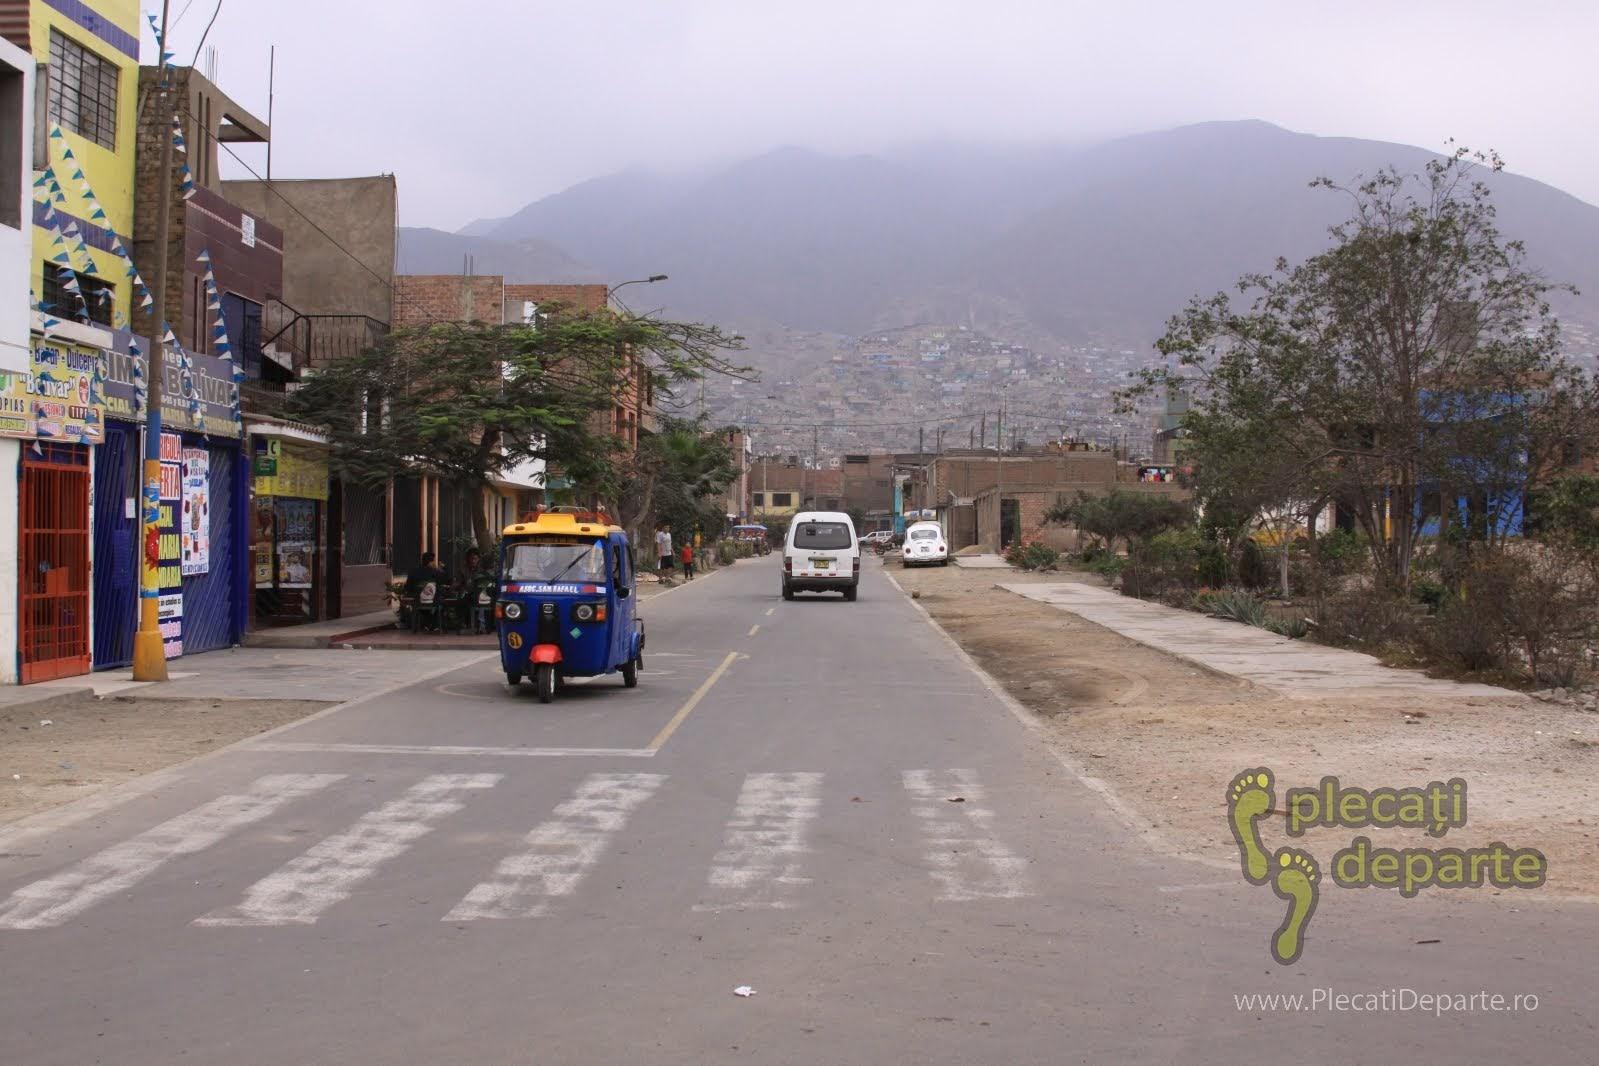 mototaxi in cartierul San Juan de Lurigancho, Lima, Peru